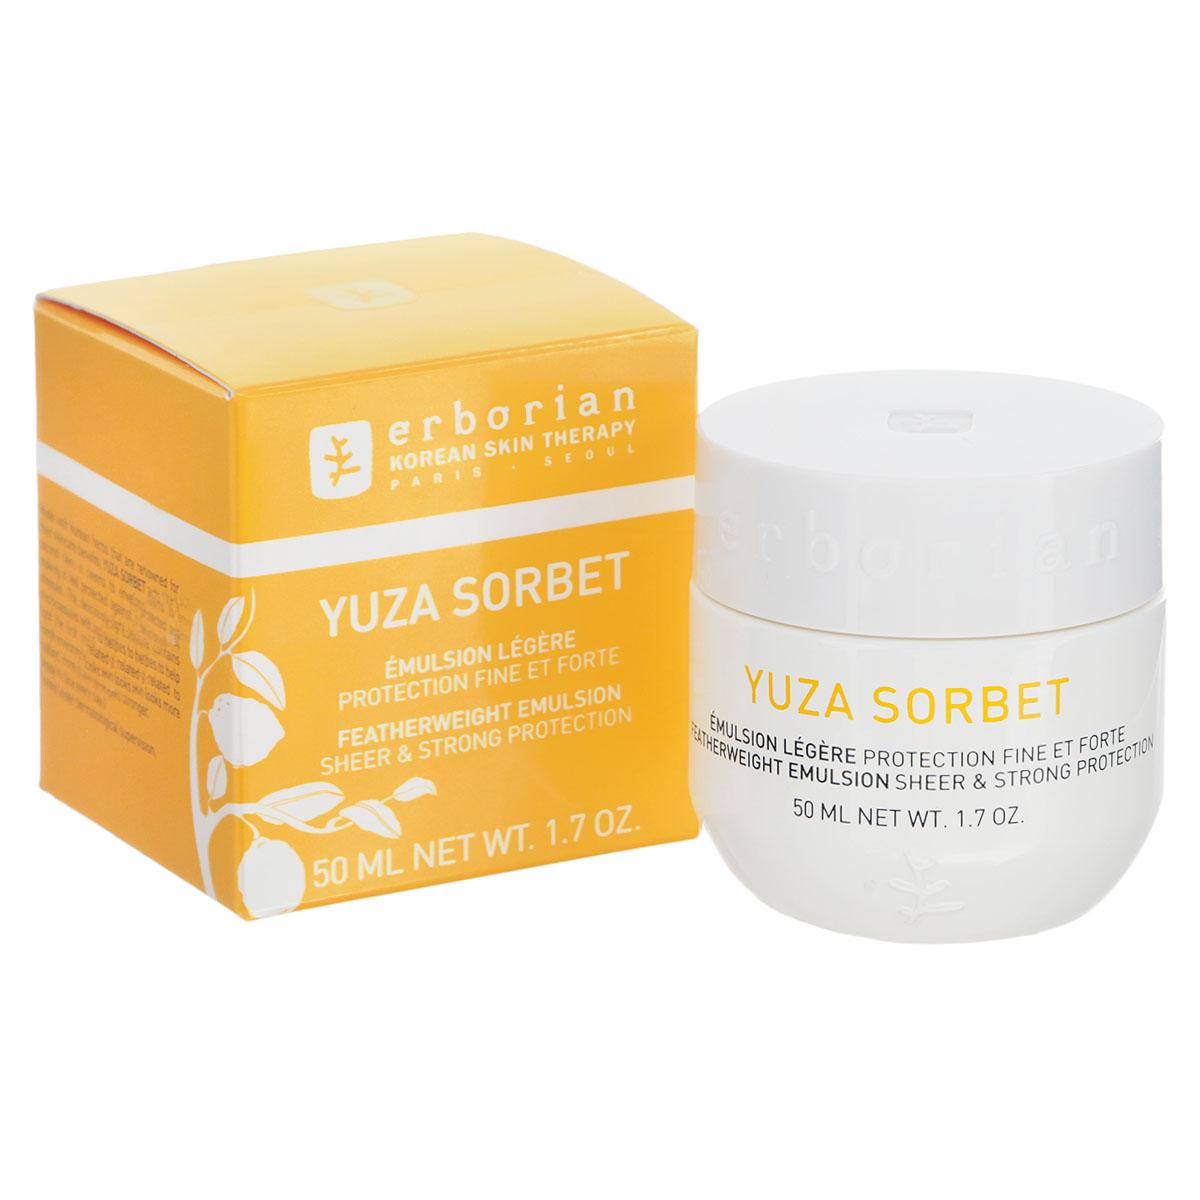 Erborian Дневной крем для лица Yuza Sorbet, увлажняющий, 50 мл783001_780246Восхитительный легкий и нежный дневной крем для лица Erborian Yuza Sorbet обеспечивает интенсивное увлажнение и создает эффект второй кожи, защищая кожу от негативного воздействия окружающей среды. Ключевые преимущества: - Устраняет самые первые признаки старения кожи, - Возрождает и увлажняет кожу, наполняя ее жизненной энергией, - Делает кожу сияющей, а ее цвет ярким, - Богат витамином С, борется с усталостью кожи, - Лакрица - сверхмощный антиоксидант, - Зеленая слива активирует микроциркуляцию, выводит токсины и стимулирует обновление клеток. Товар сертифицирован.